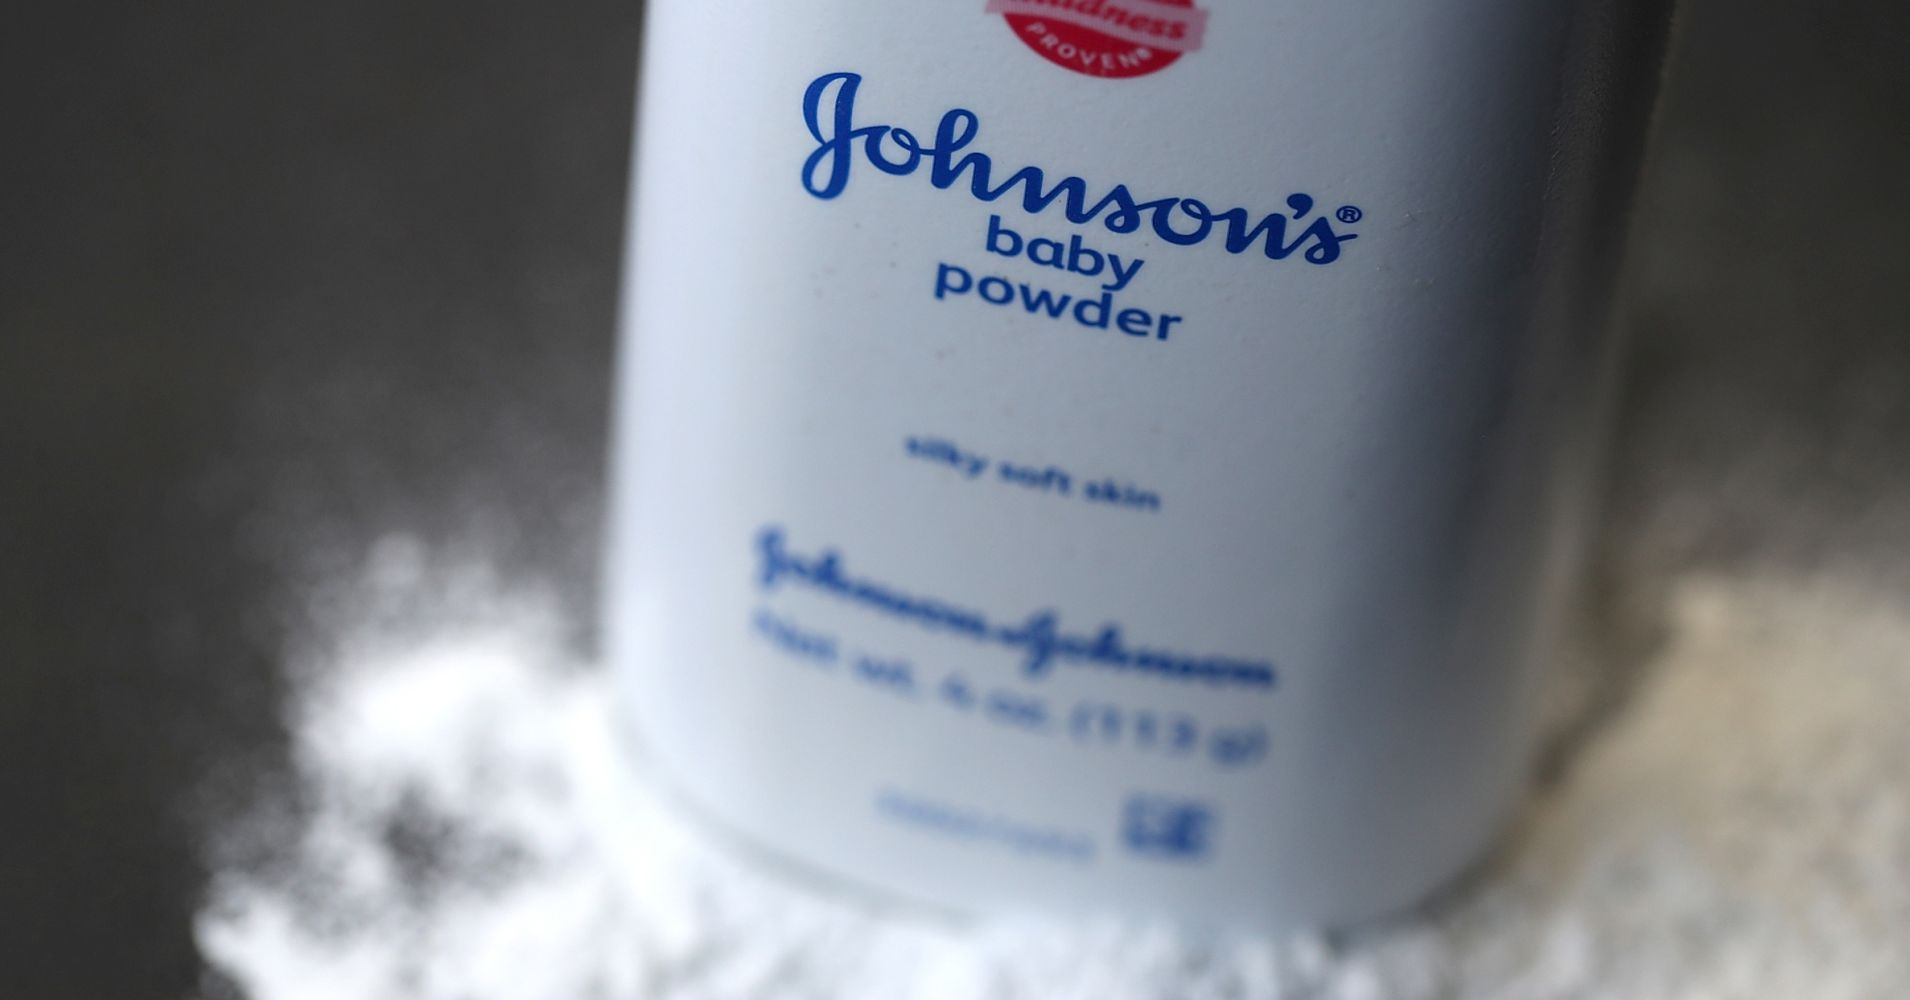 23+ Powder without asbestos